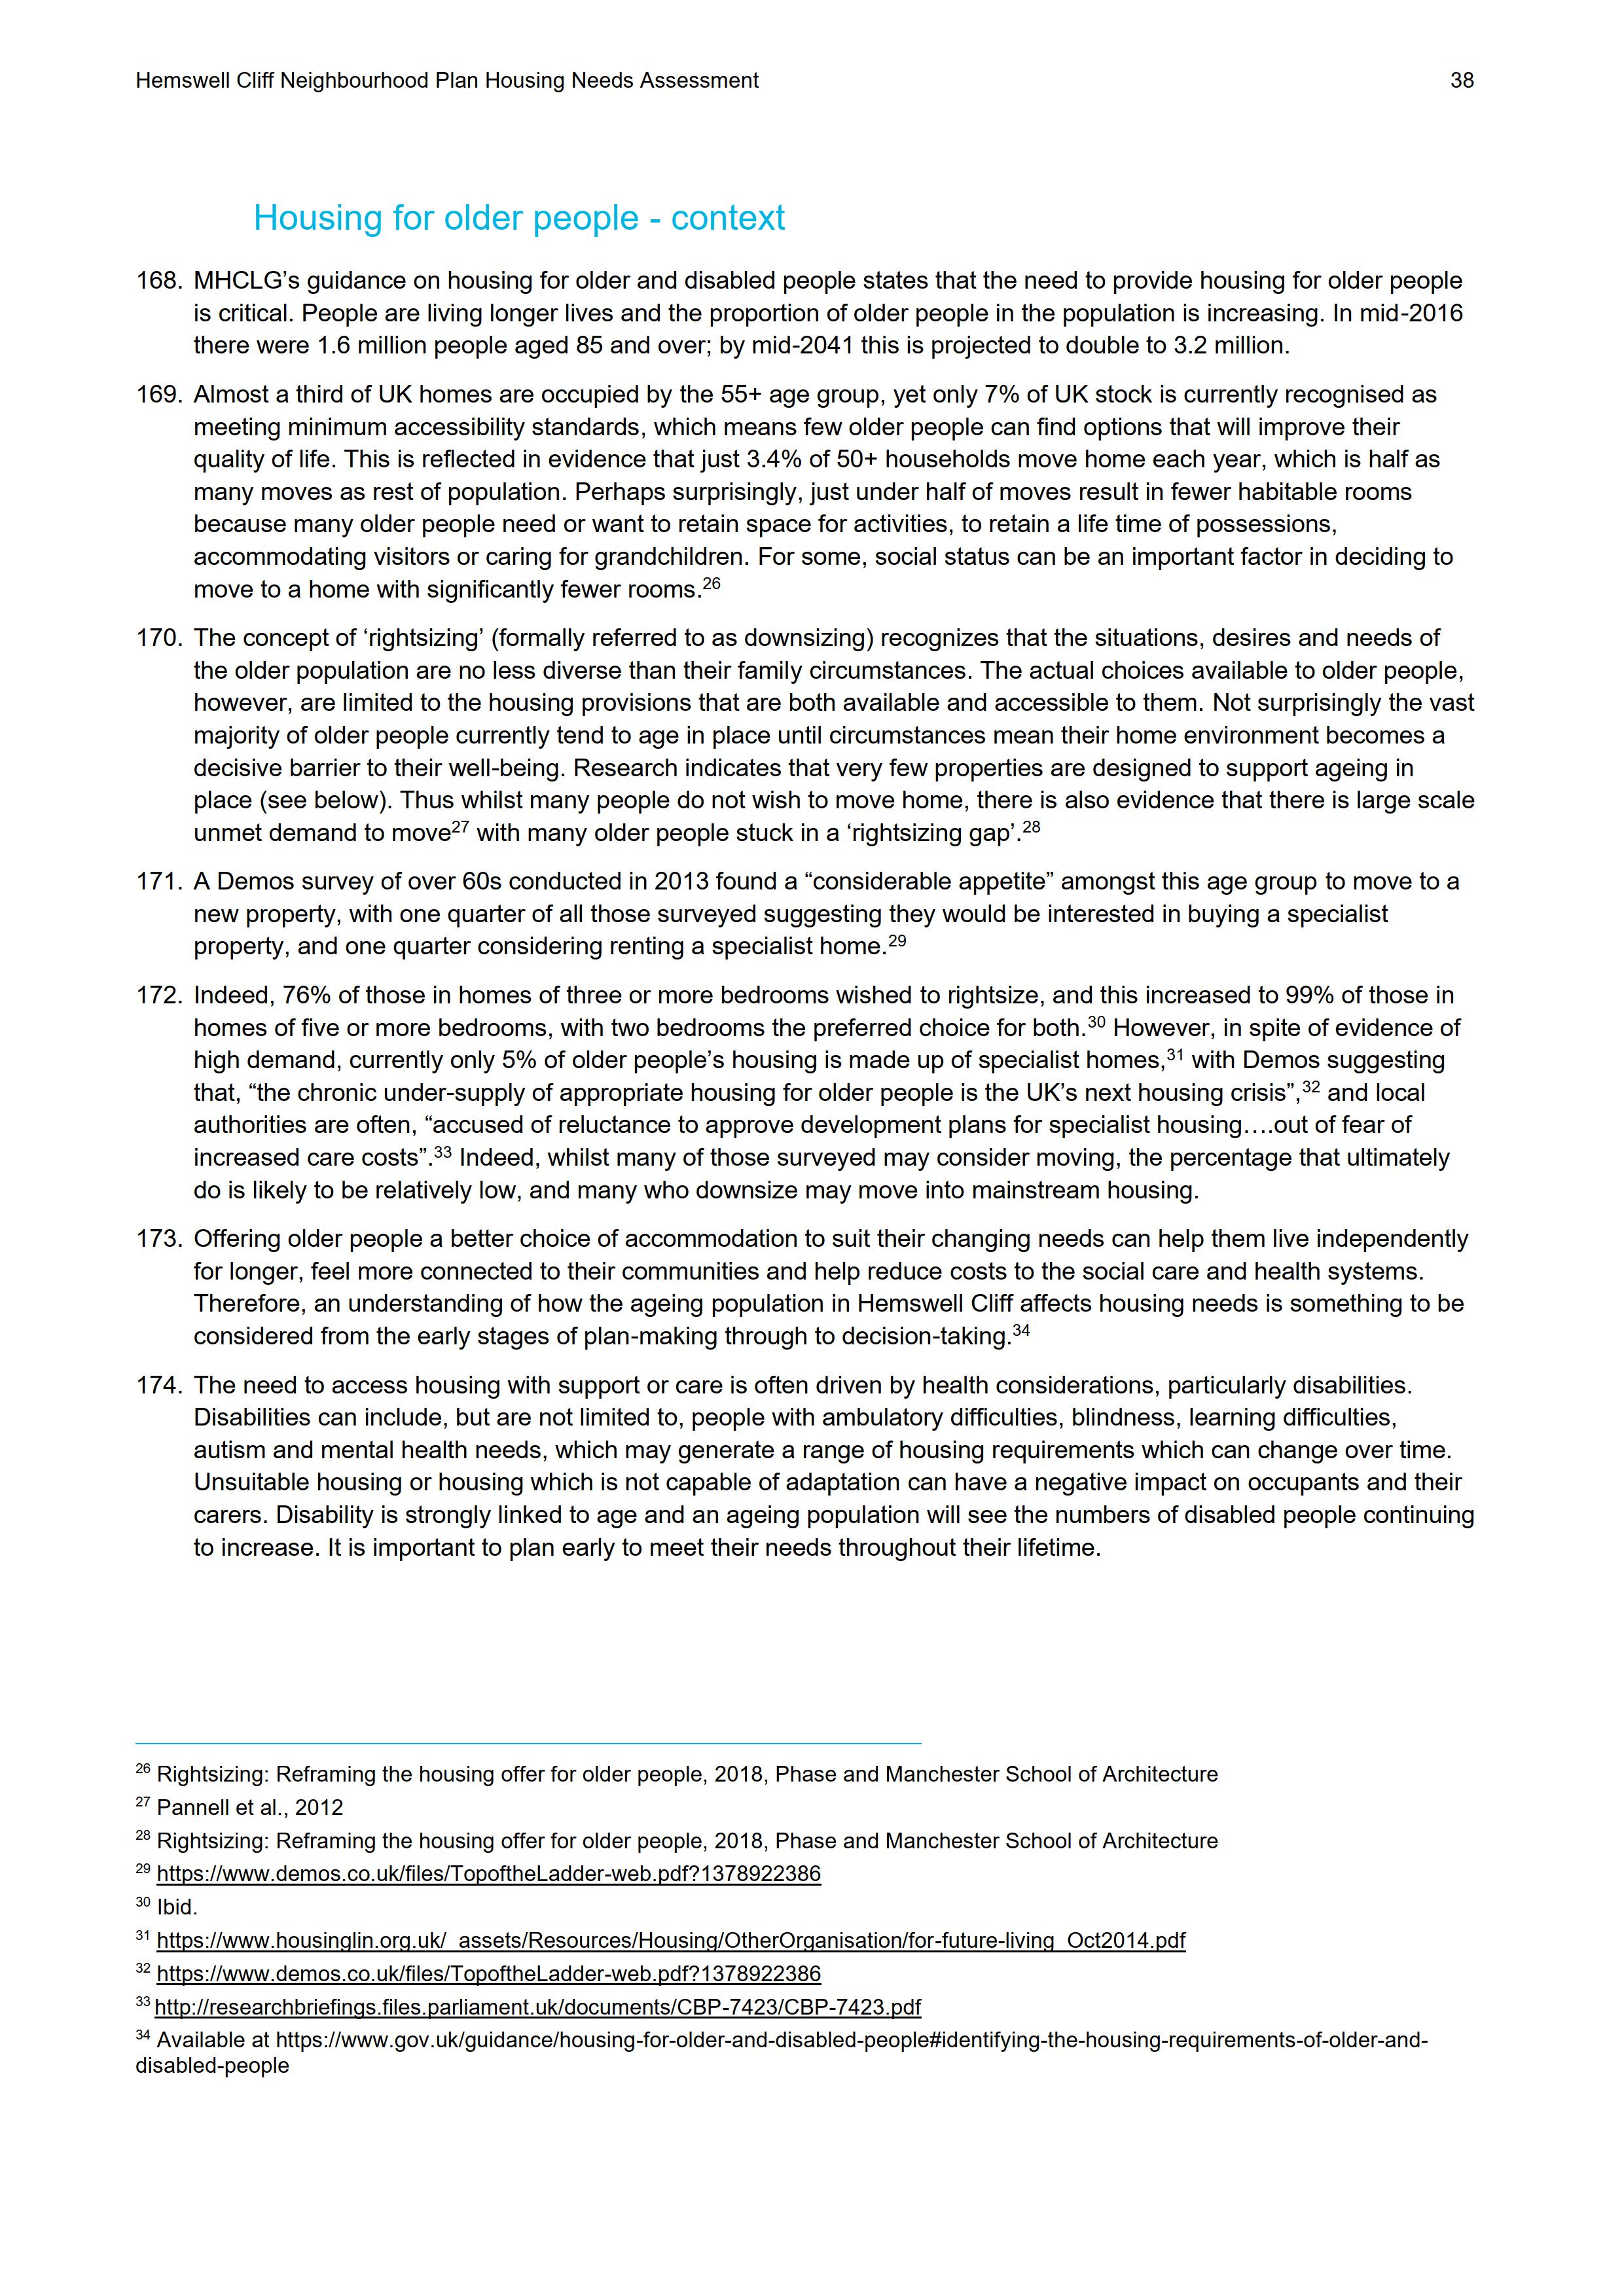 Hemswell_Cliff_Housing_Needs_Assessment_Final_38.png